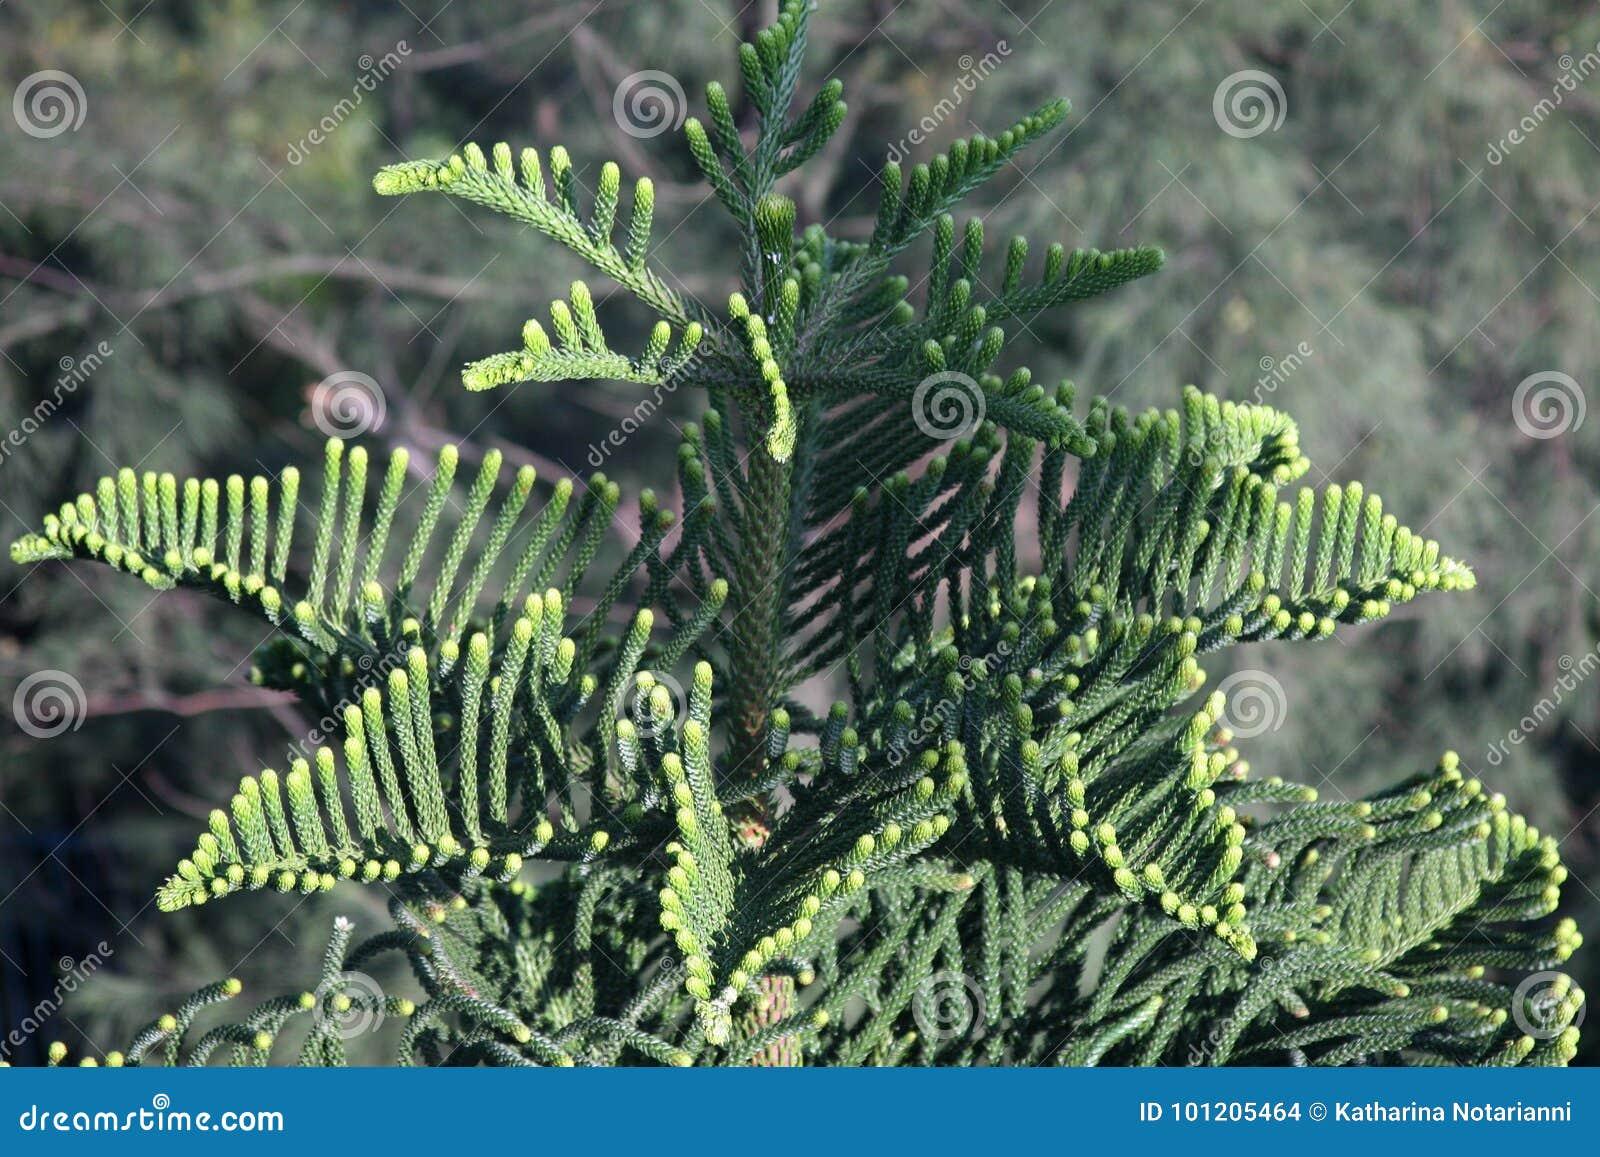 Star Pine Norfolk Pine Araucaria Heterophylla Tree